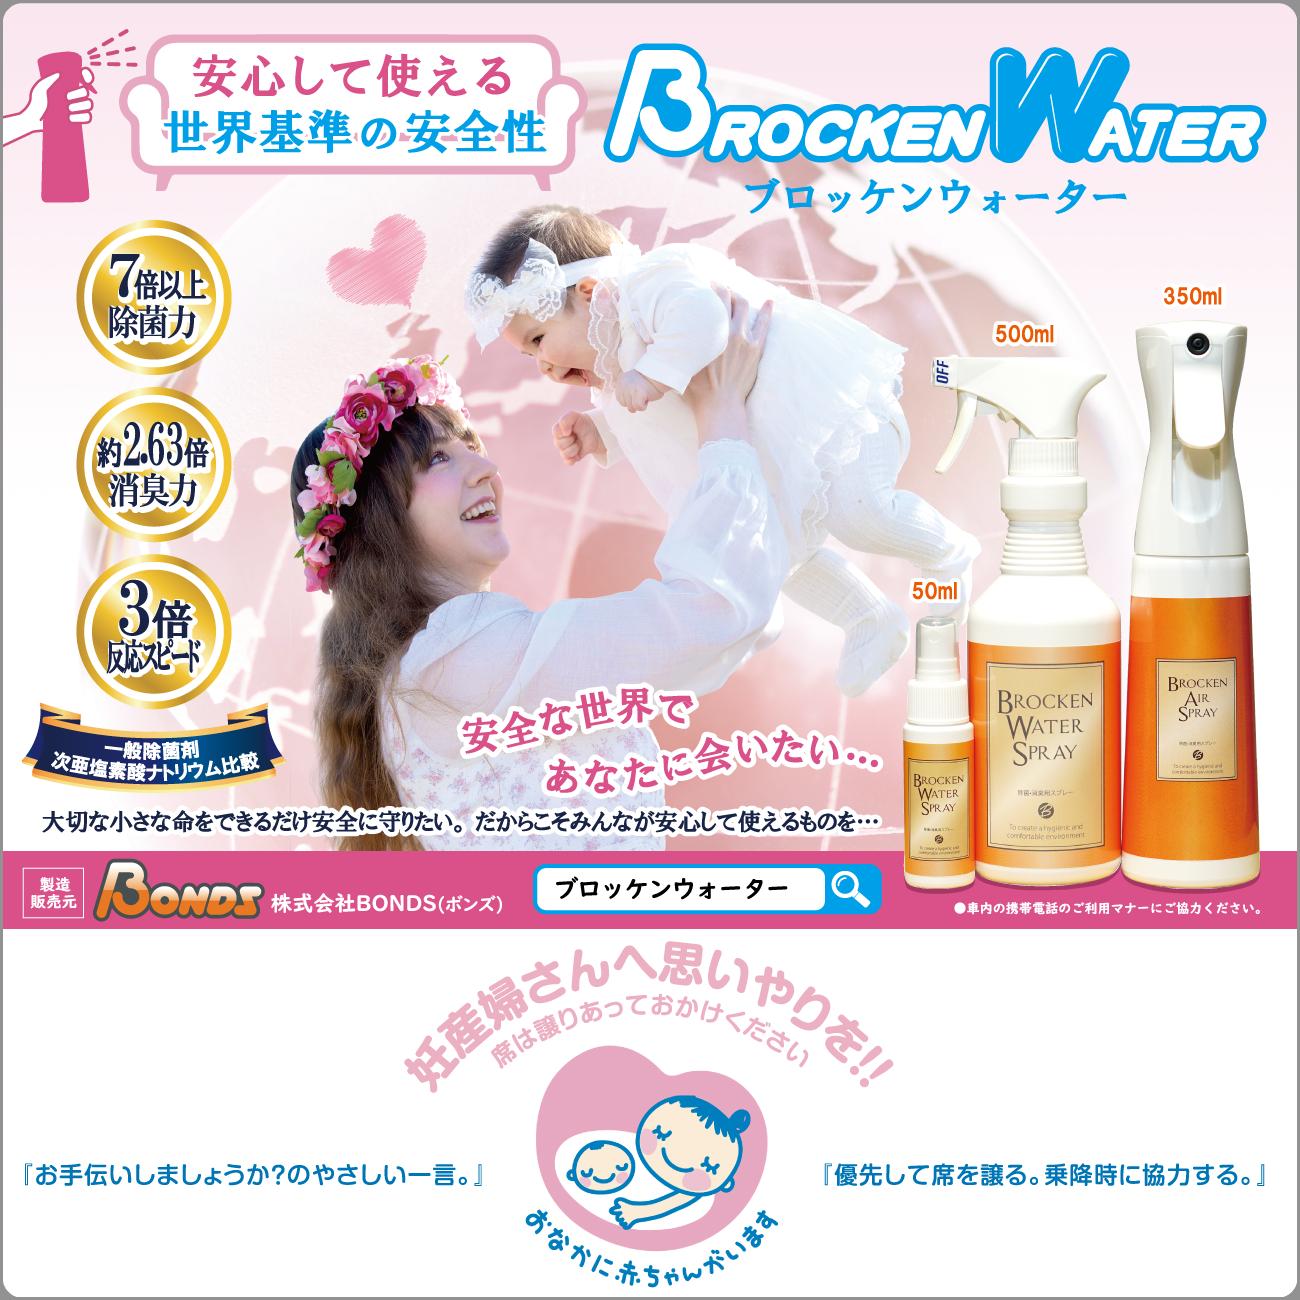 マタニティマークタイアップ三田線ブロッケンウォーター